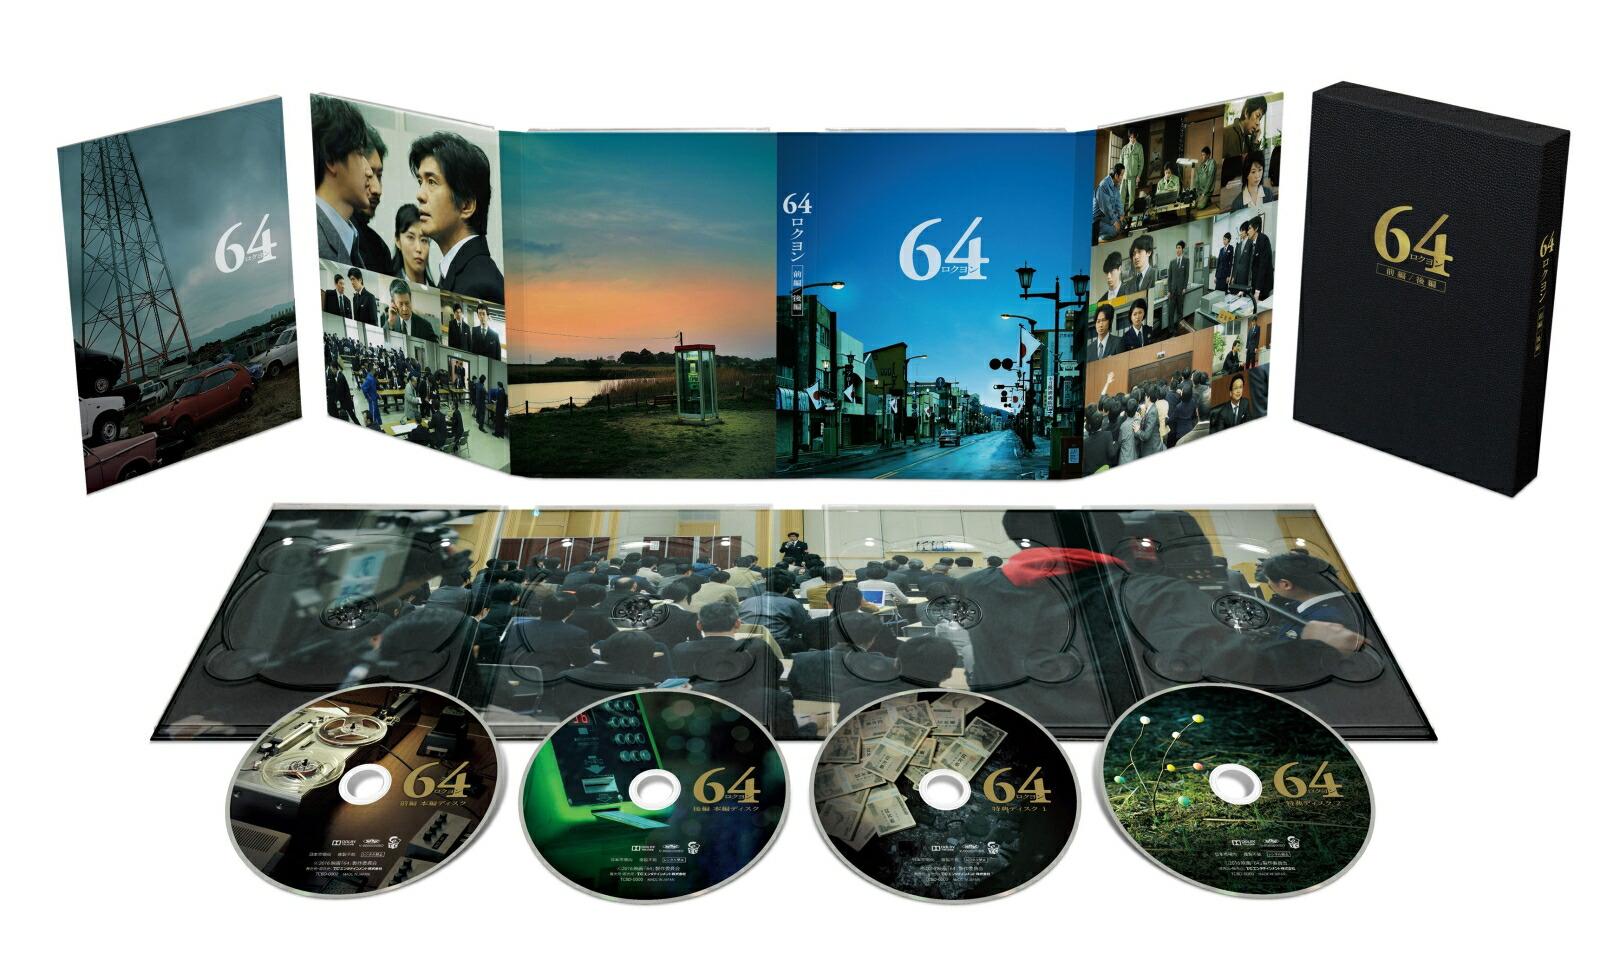 64-ロクヨンー前編/後編 豪華版DVDセット